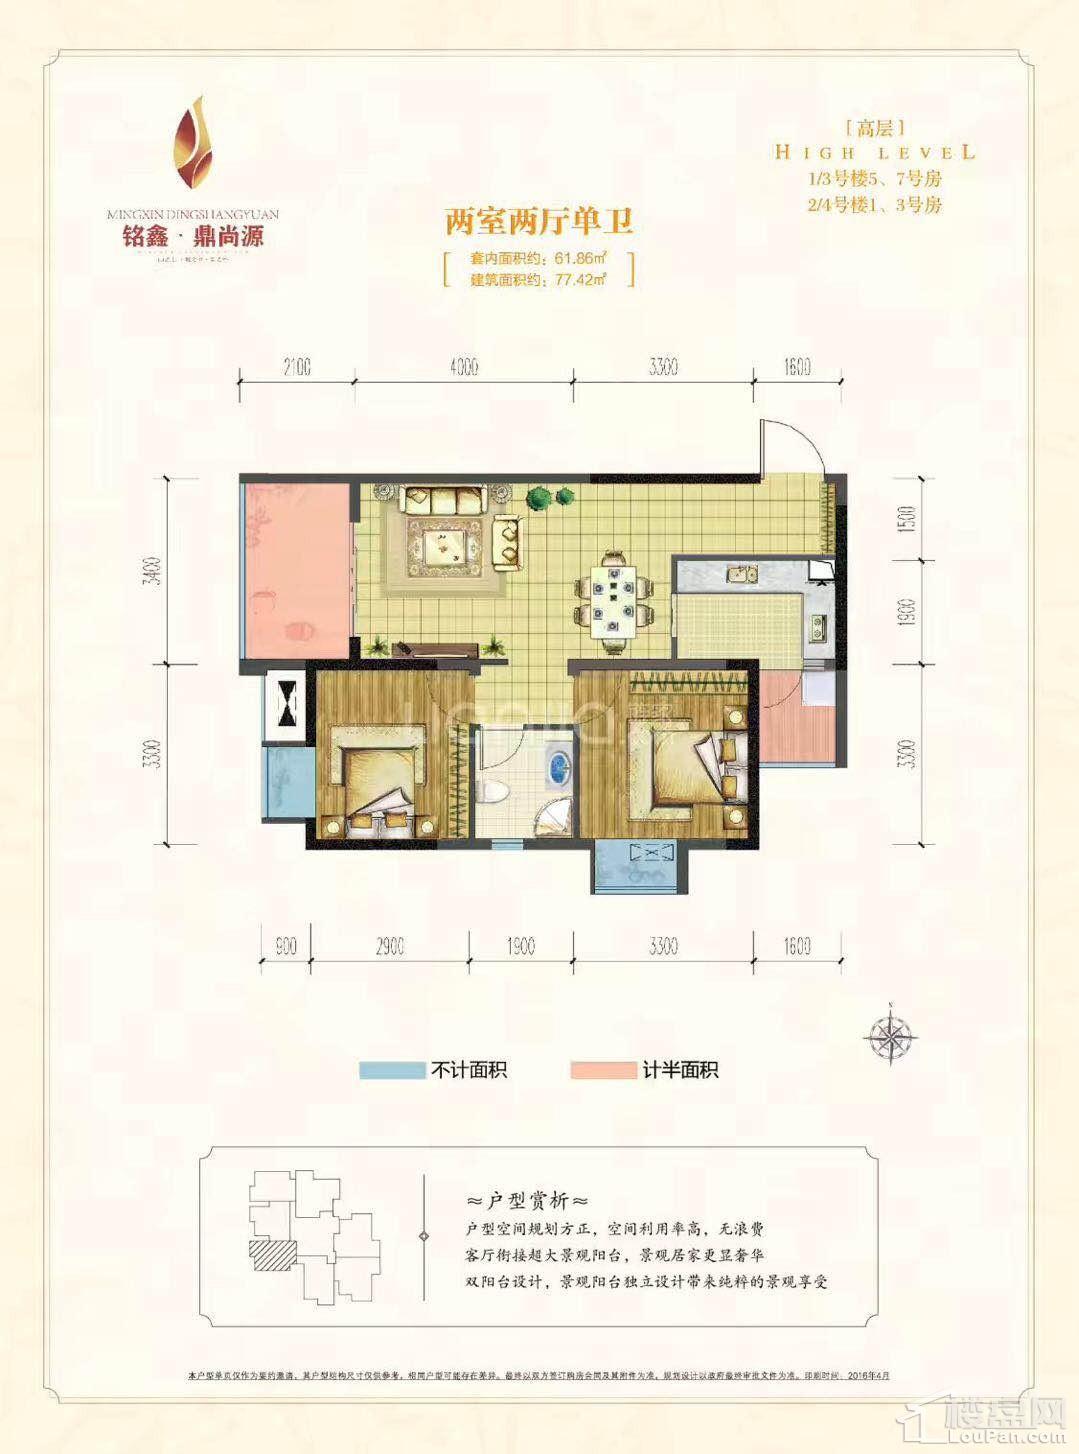 高层1/3号楼5、7号房,2/4号楼1、3号房